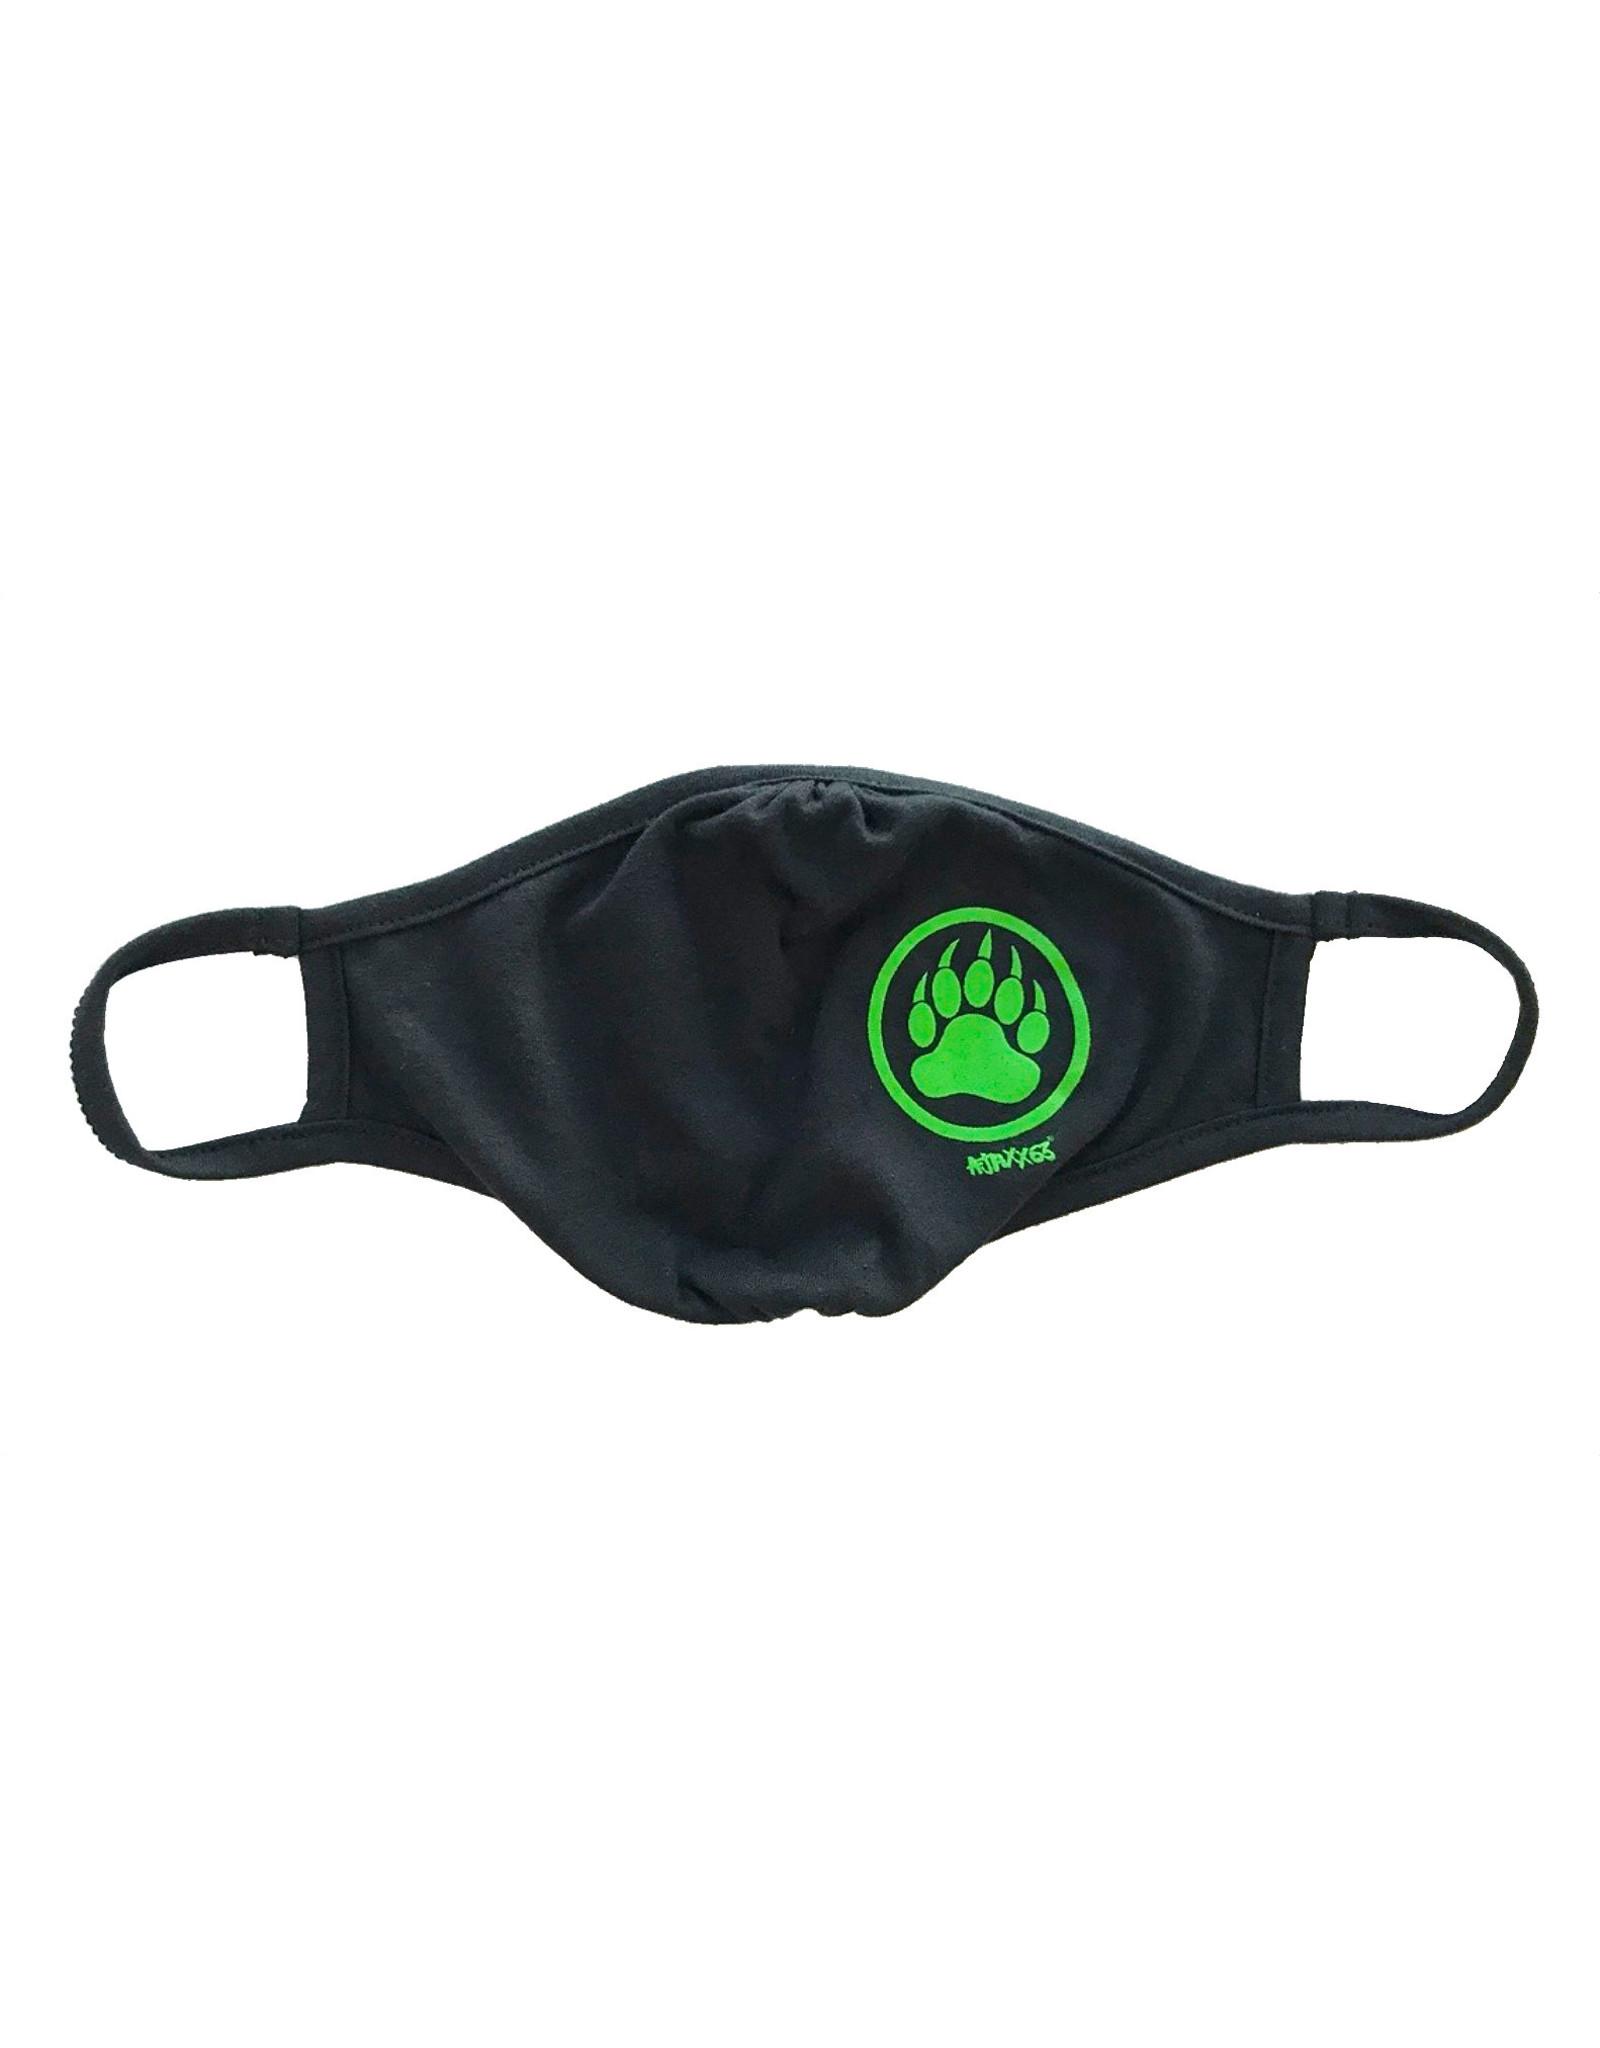 ajaxx63 ajaxx63 Bear Paw Sports Style Face Mask